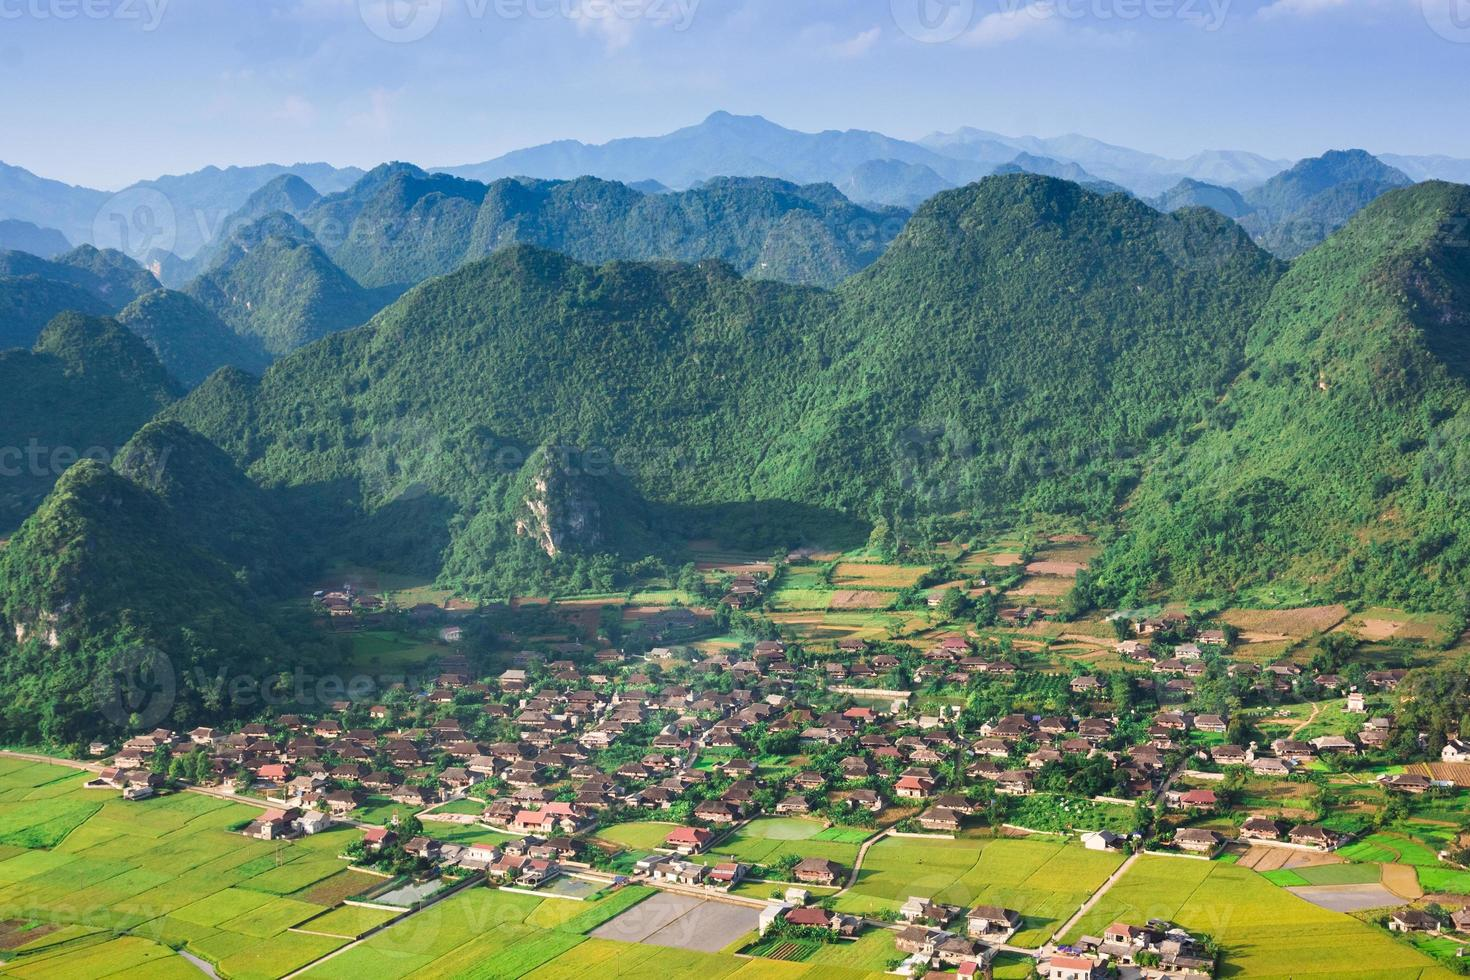 village in valley Bac Son, Vietnam photo